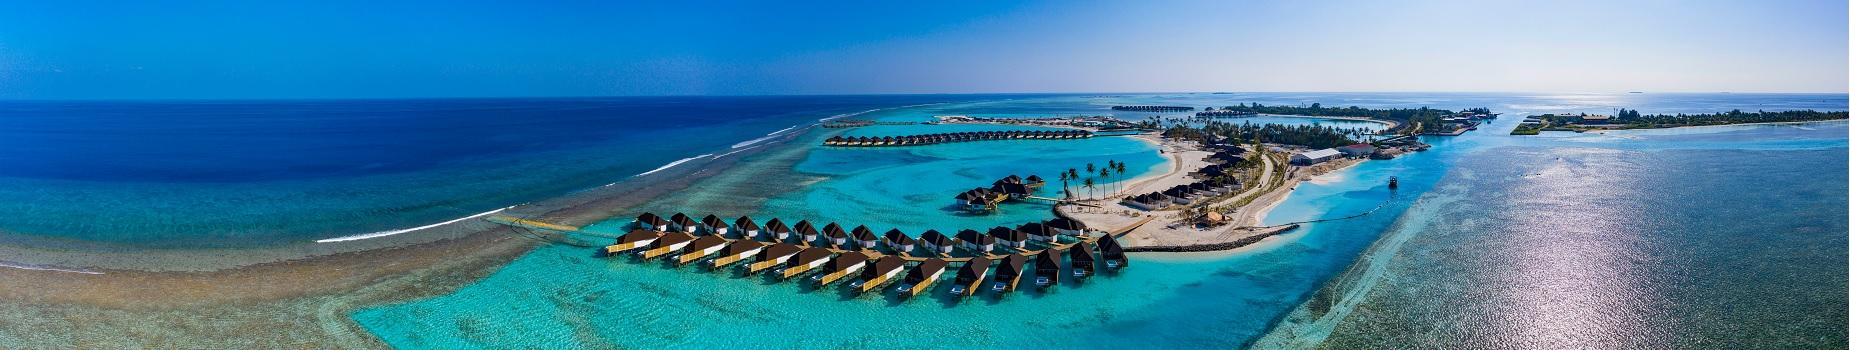 Vliegvelden Malediven